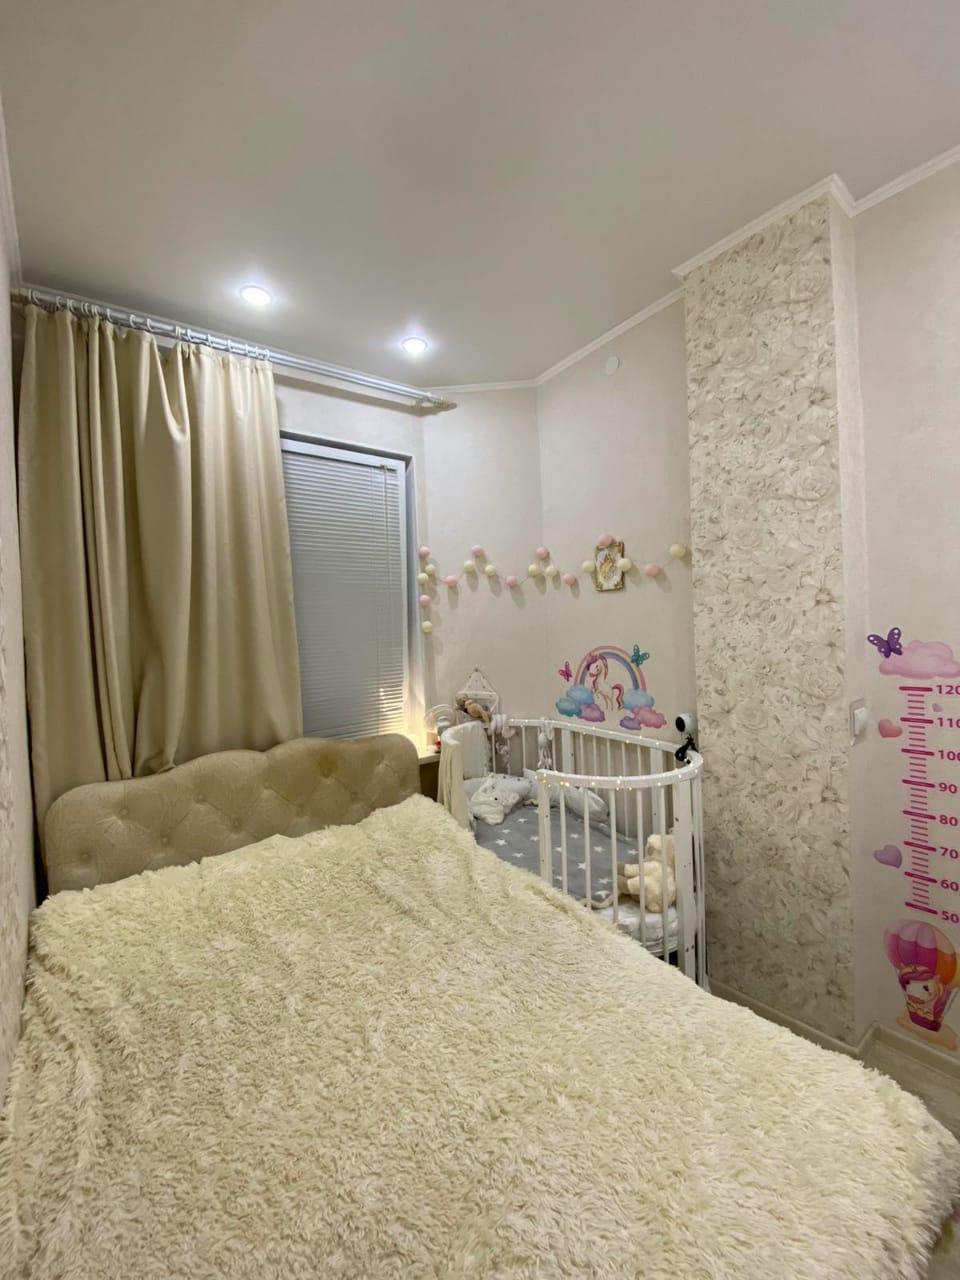 Продаётся 3 комнатная квартира, по переулку Тесный, в р-н. Старого города.